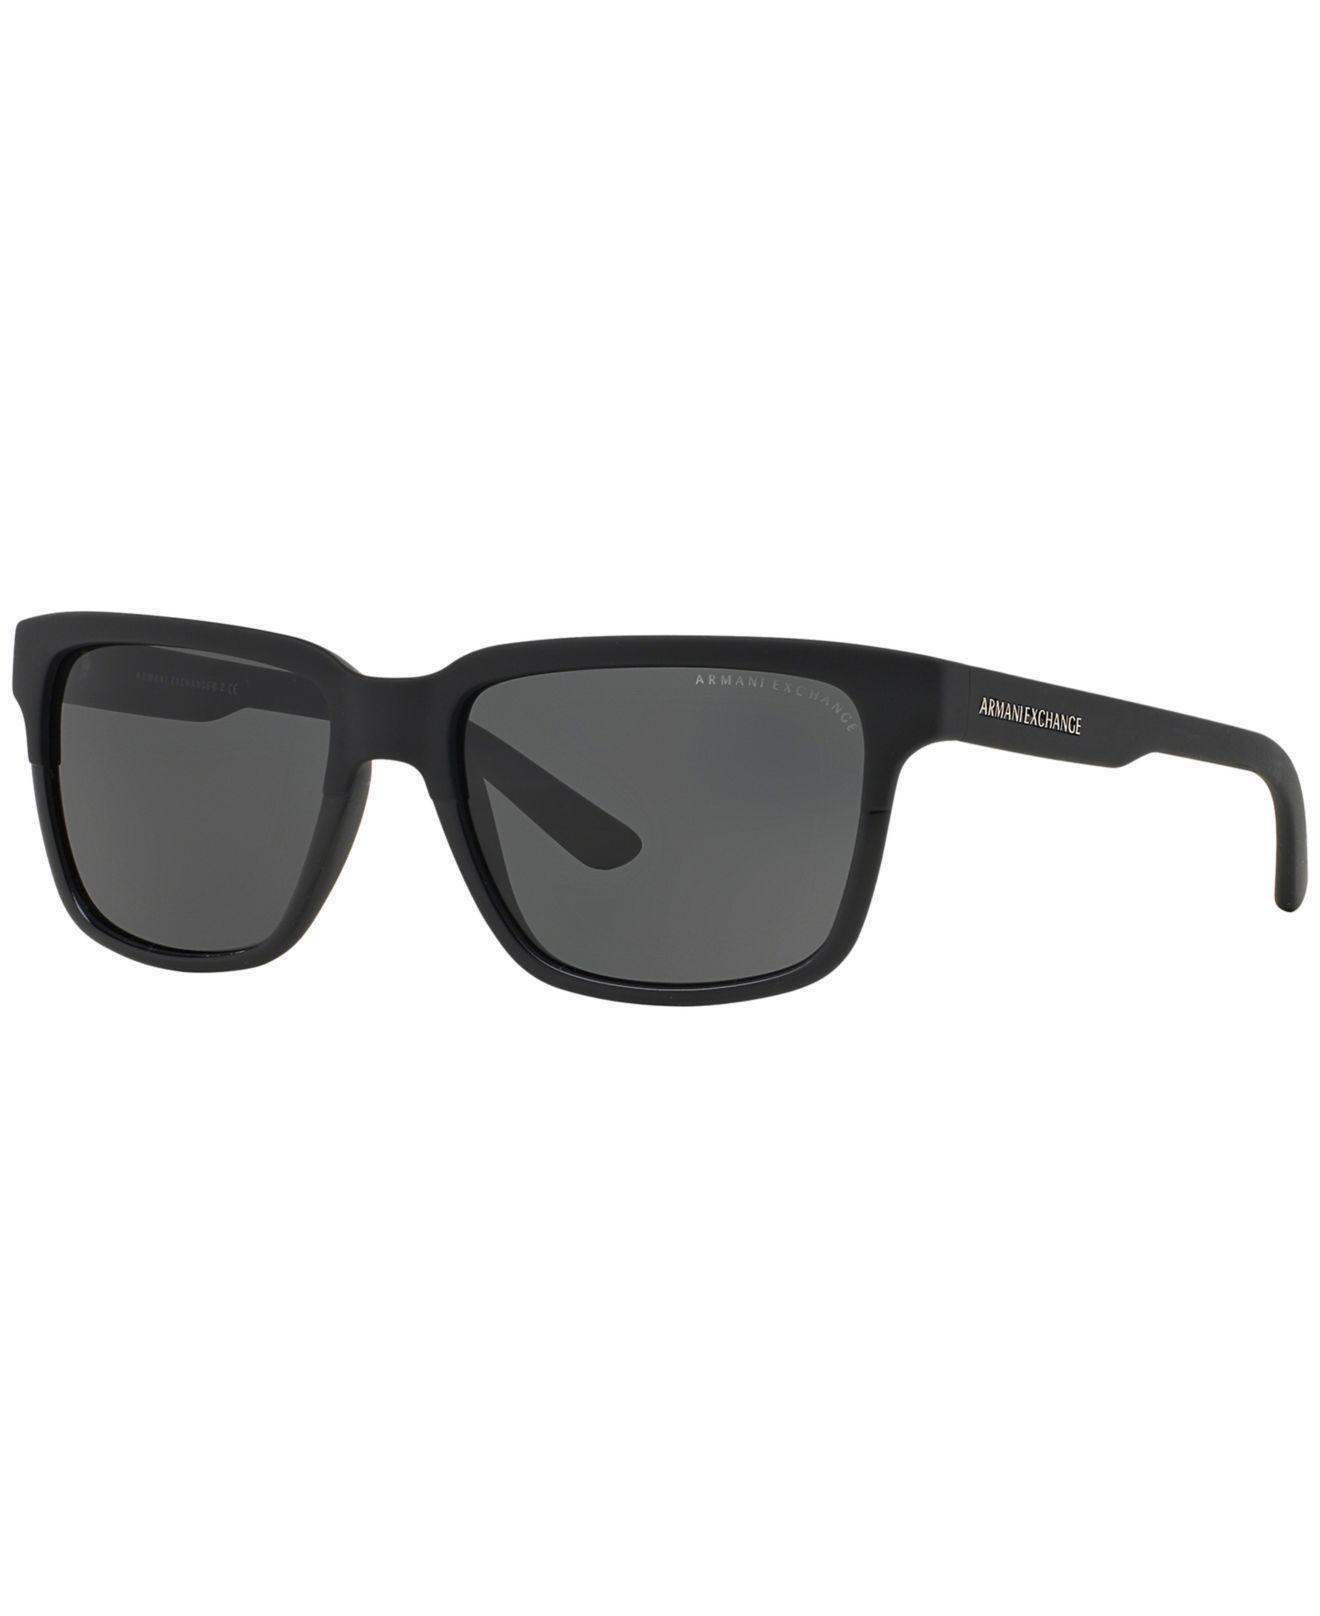 69b07b78b51 Armani Exchange. Women s Blue Ax Sunglasses ...